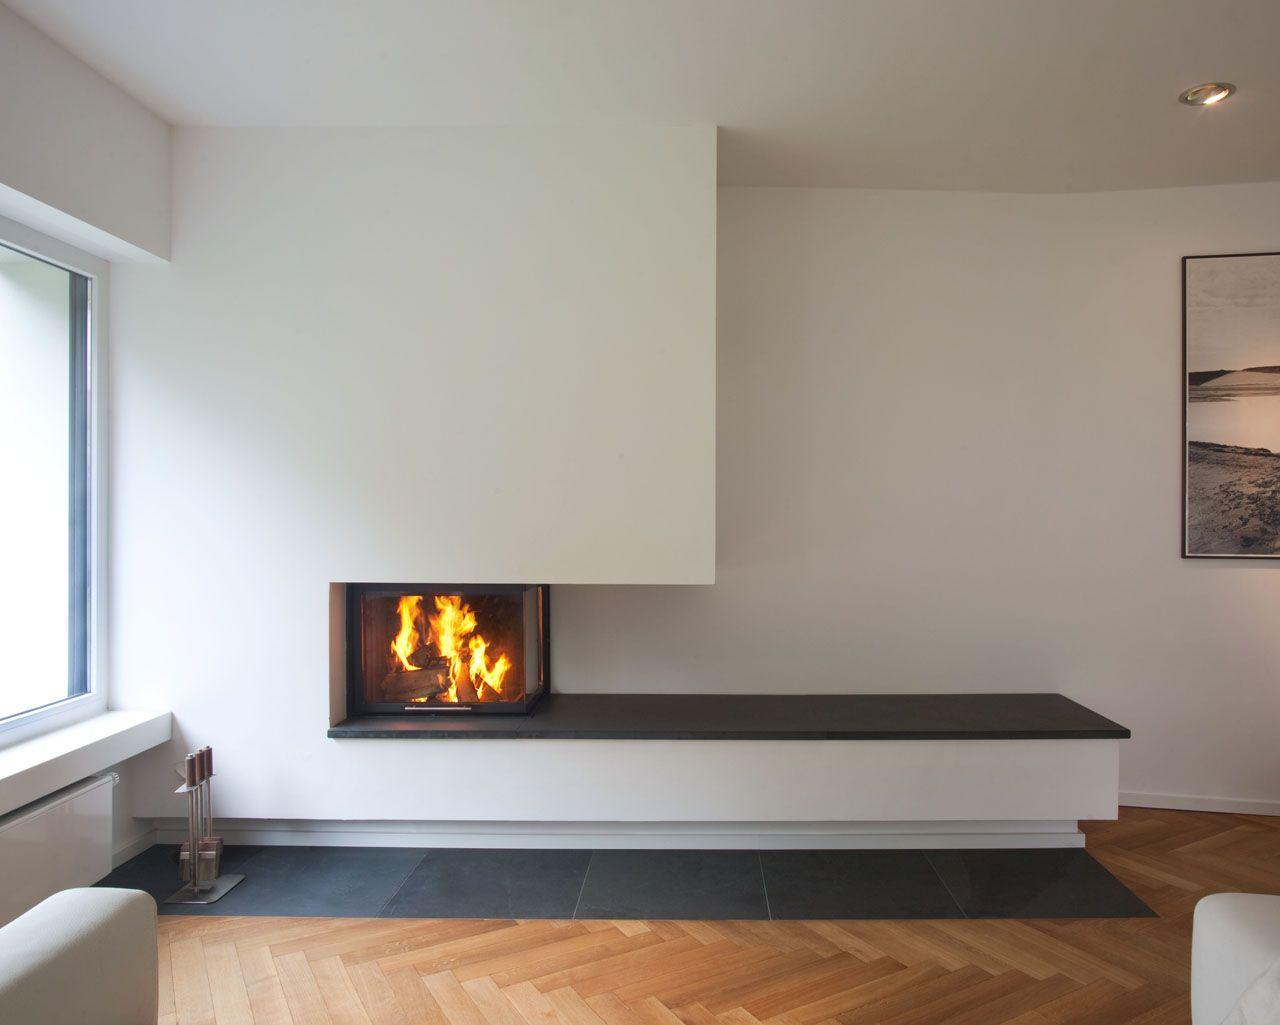 der sockel des zweiseitigen heizeinsatzes varia 2rh verl ngert nach rechts in eine bank mit. Black Bedroom Furniture Sets. Home Design Ideas